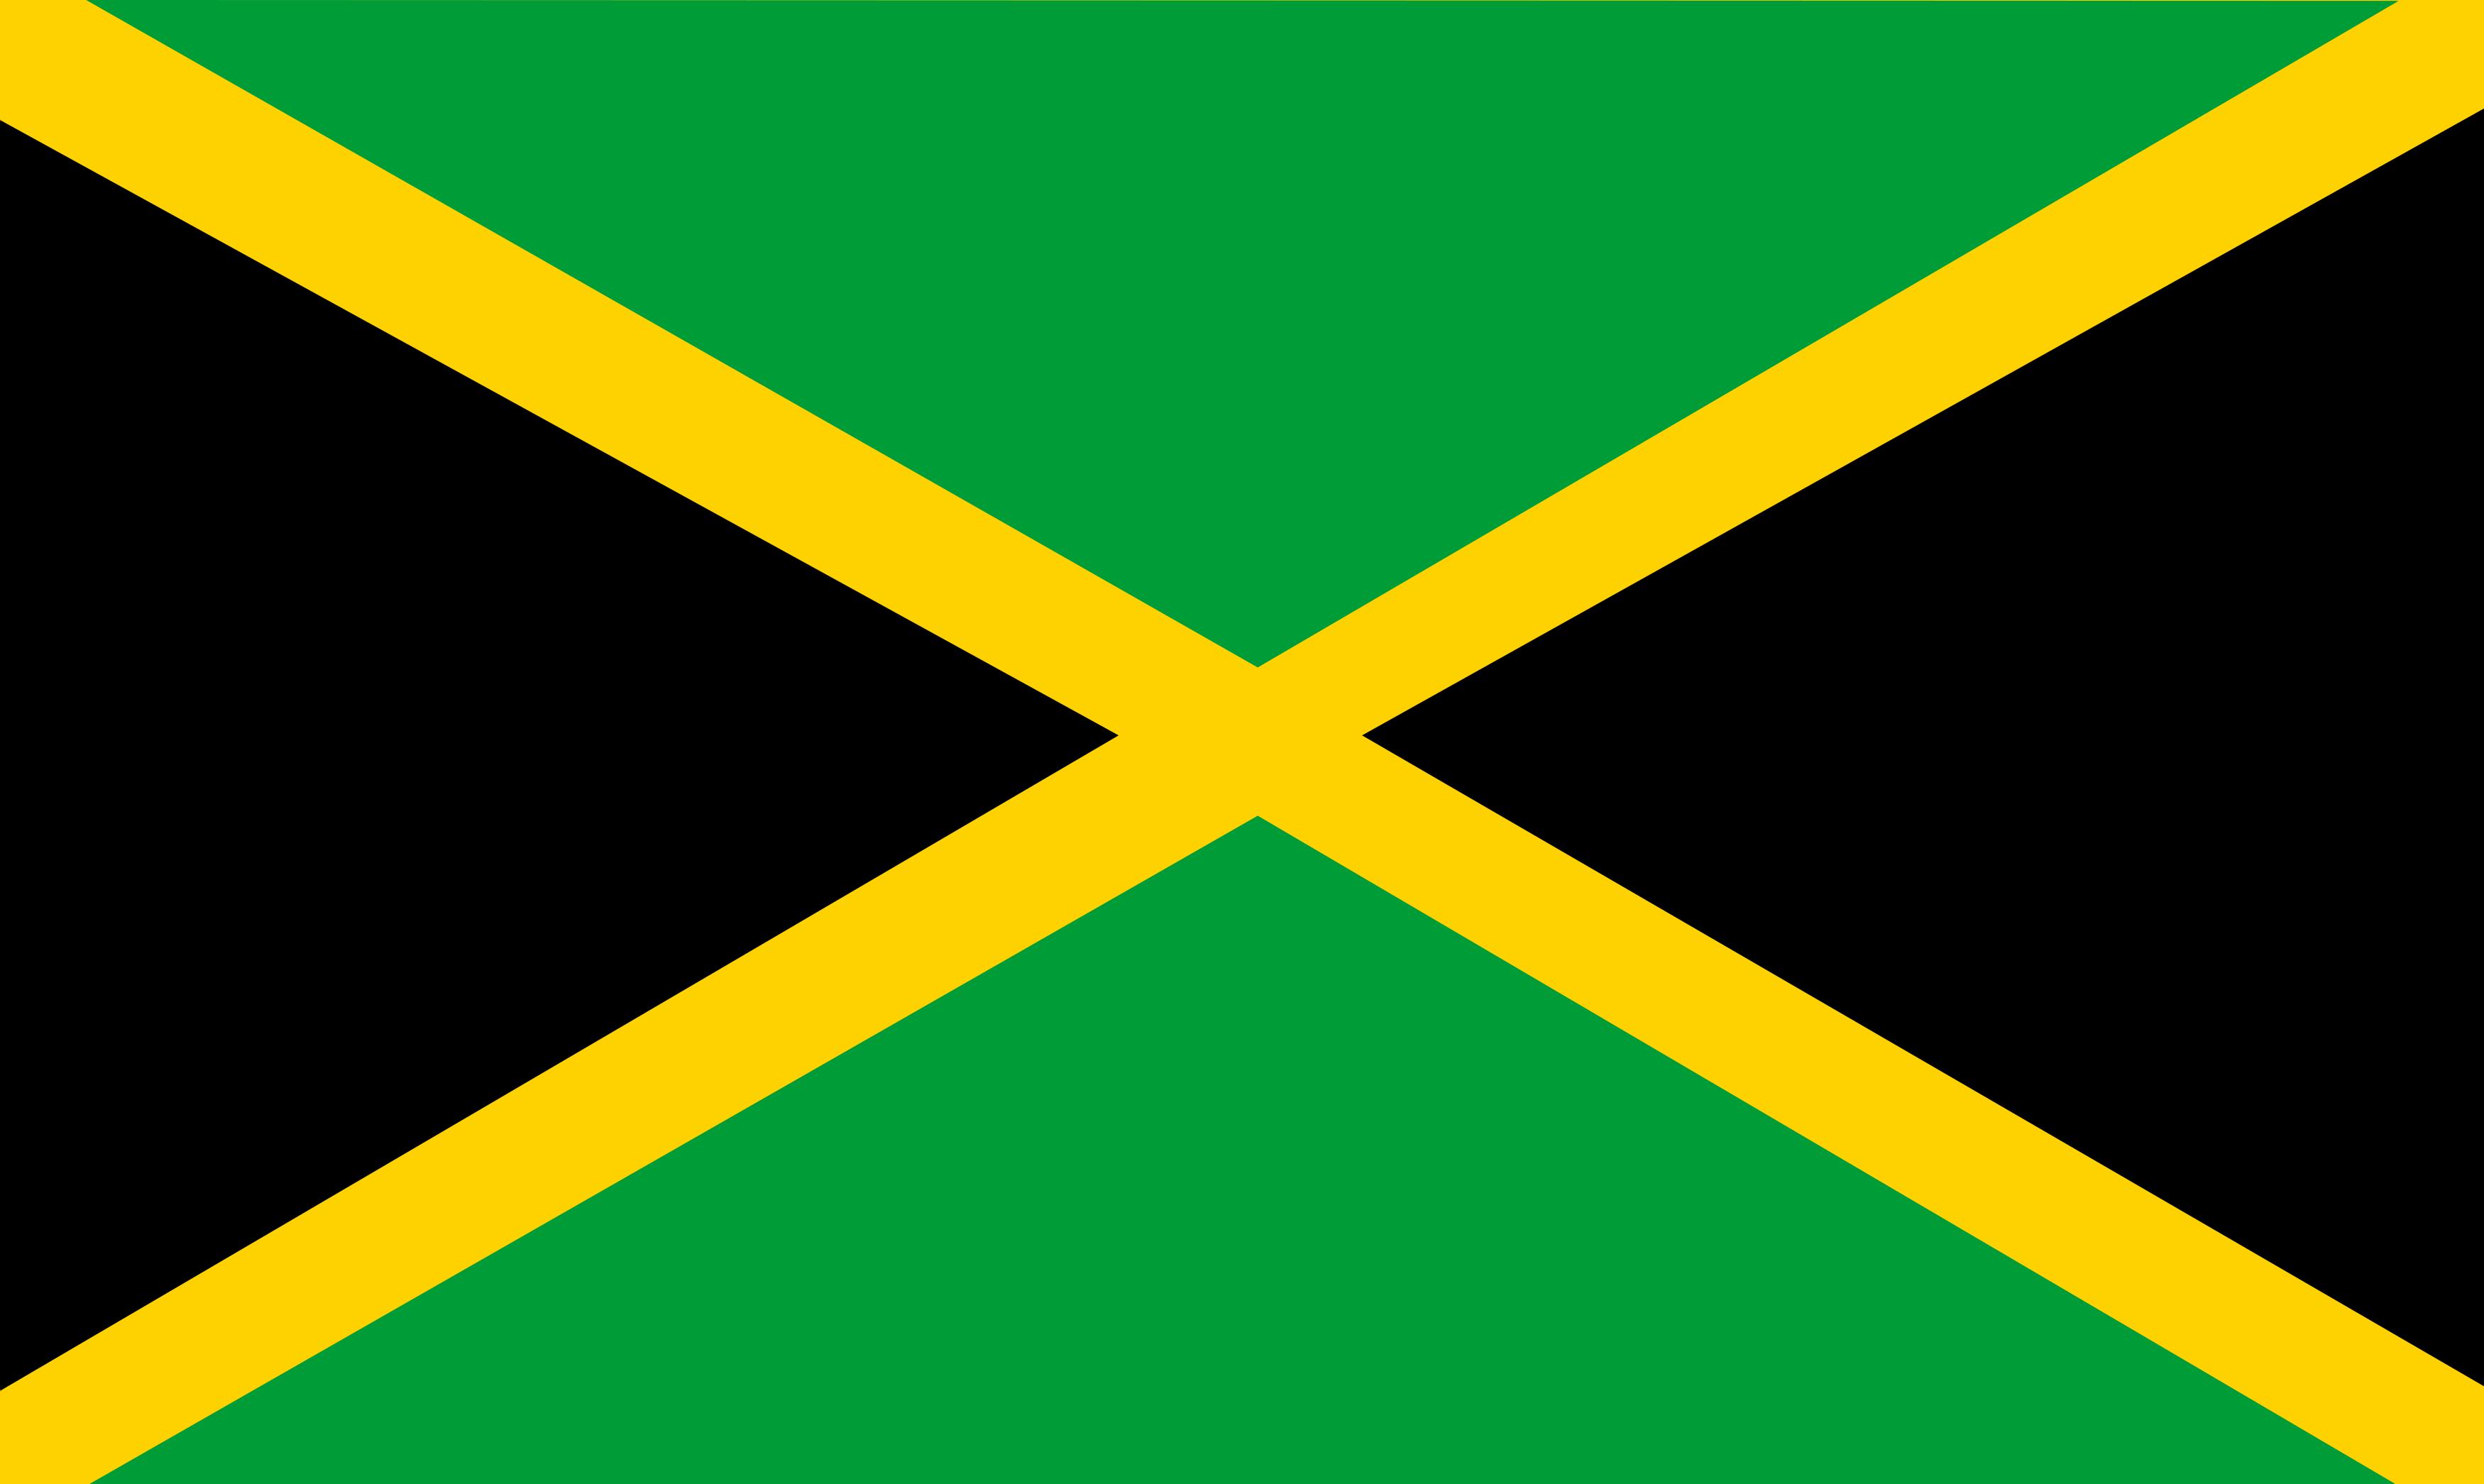 Bandeira da Jamaica.